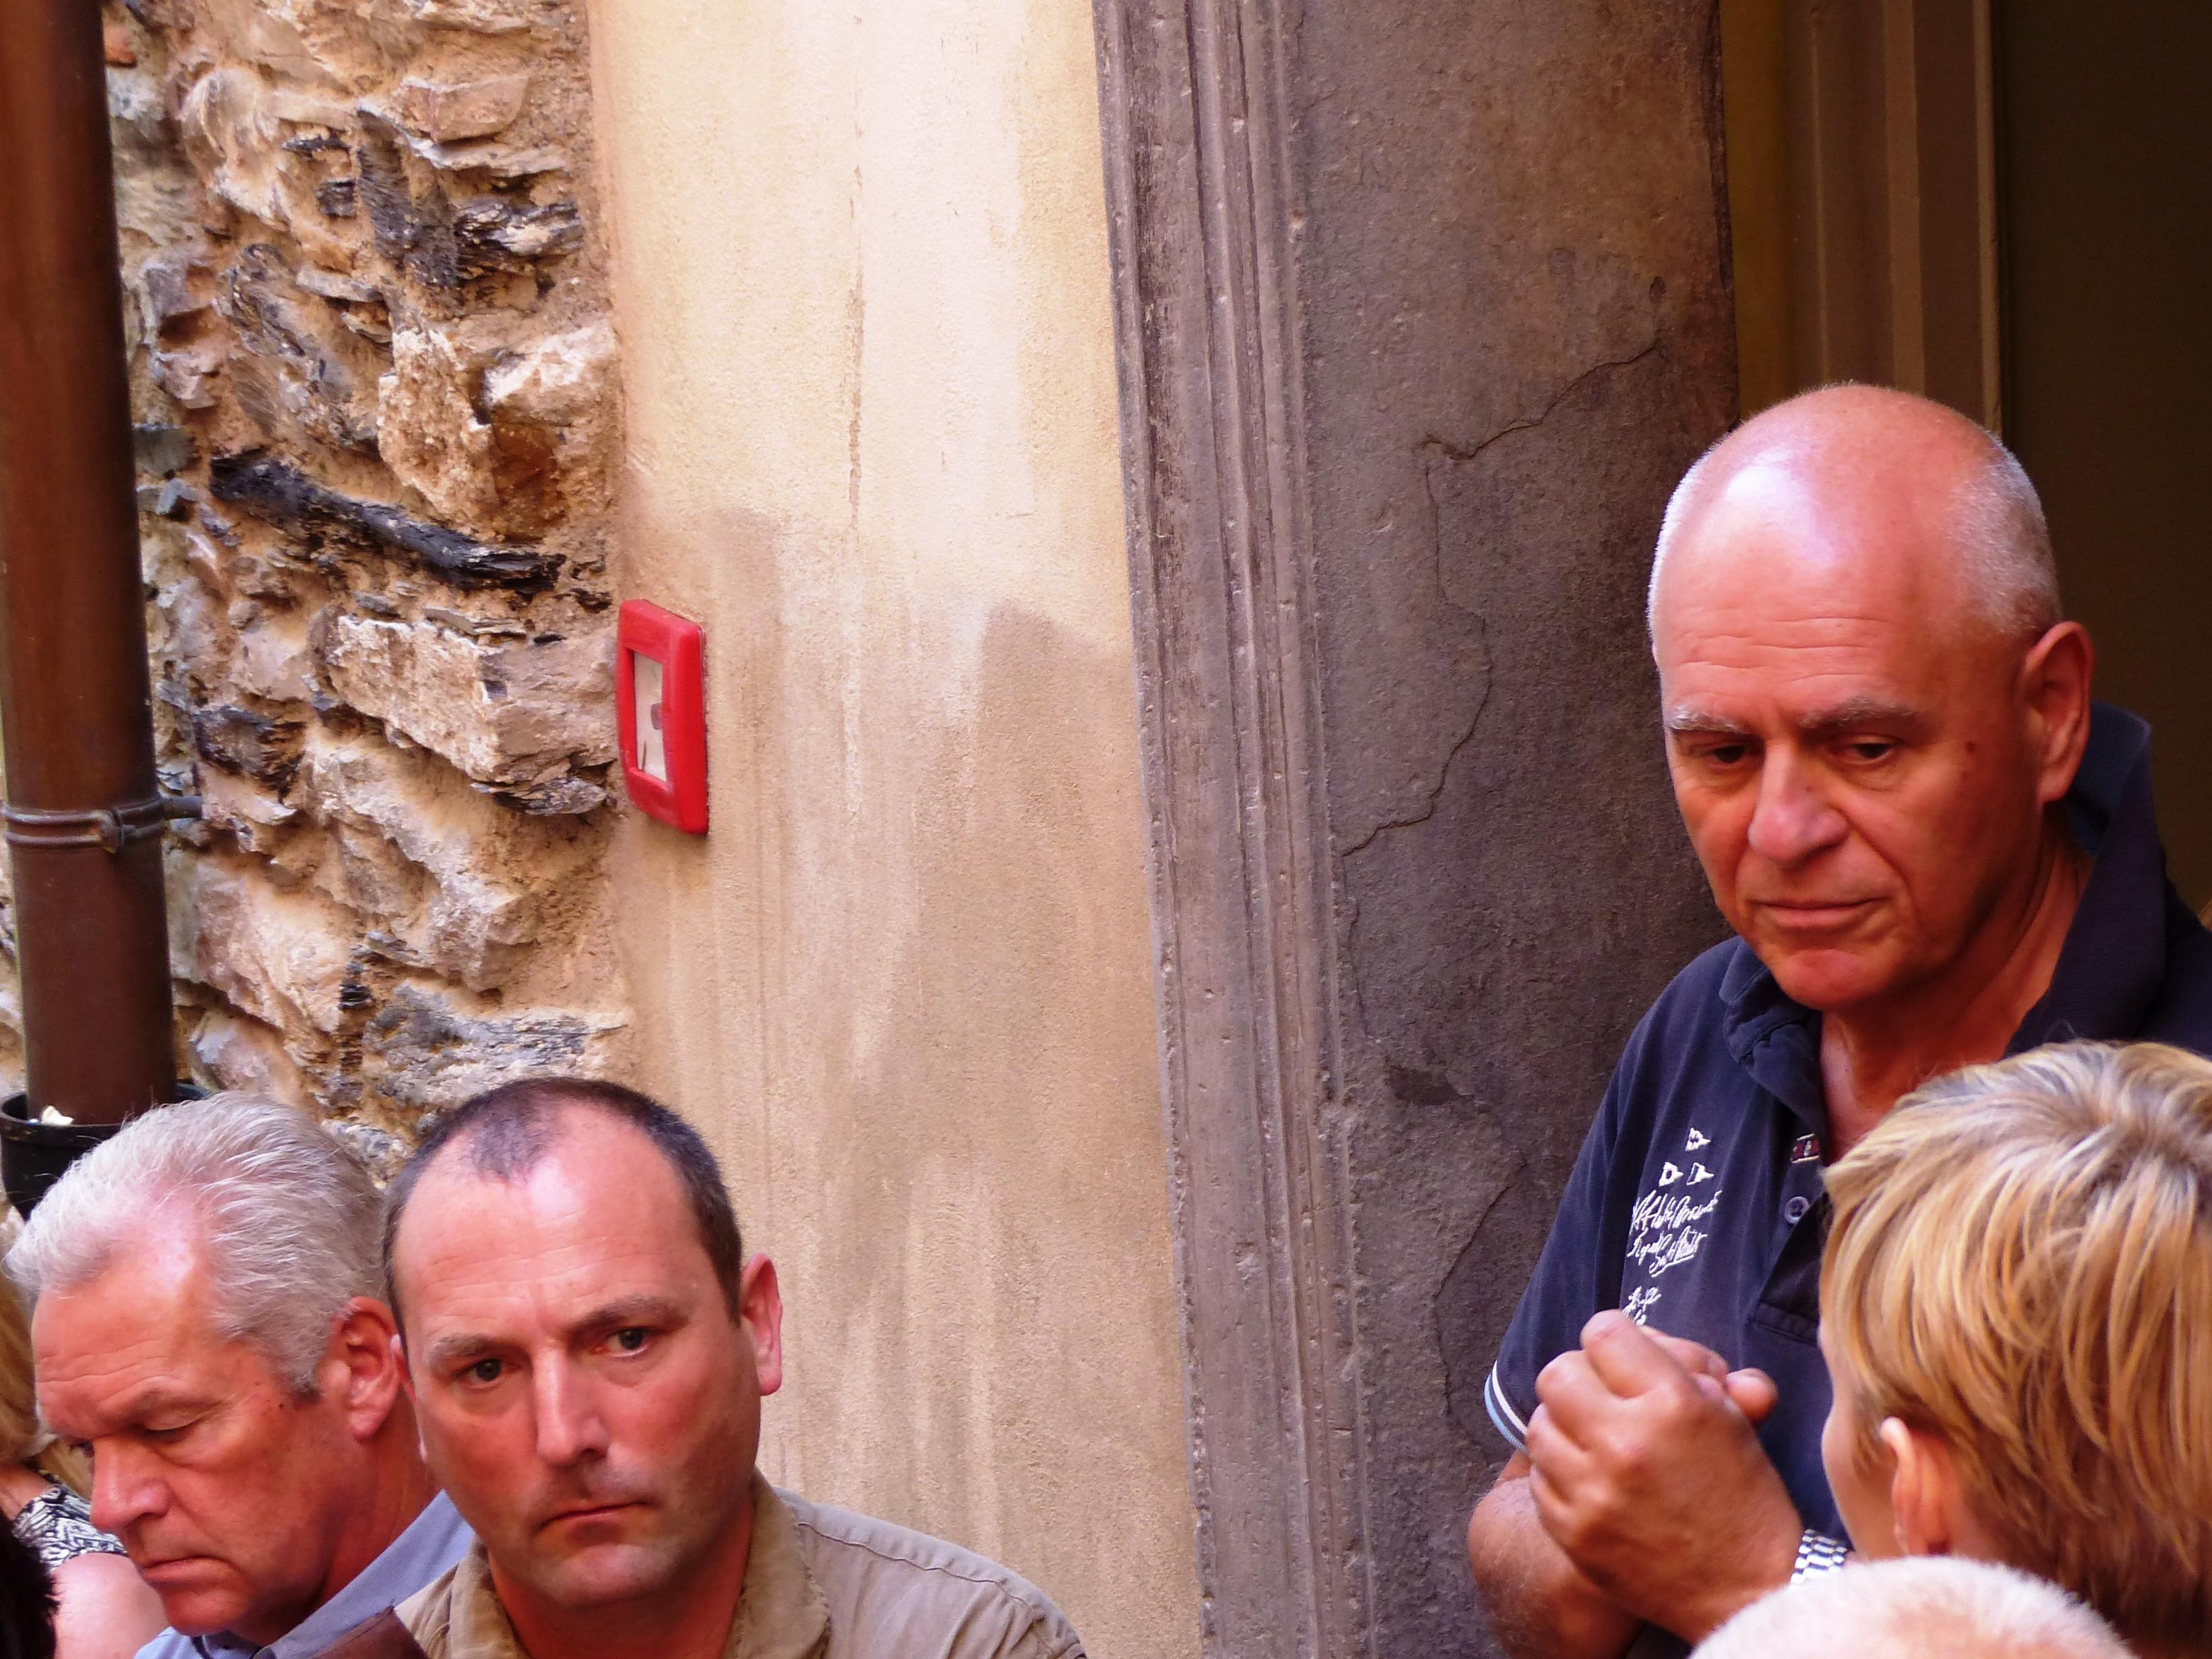 Alfonso Sista - Storico dell'arte presso la Soprintendenza al Patrimonio artistico della Liguria (destra)